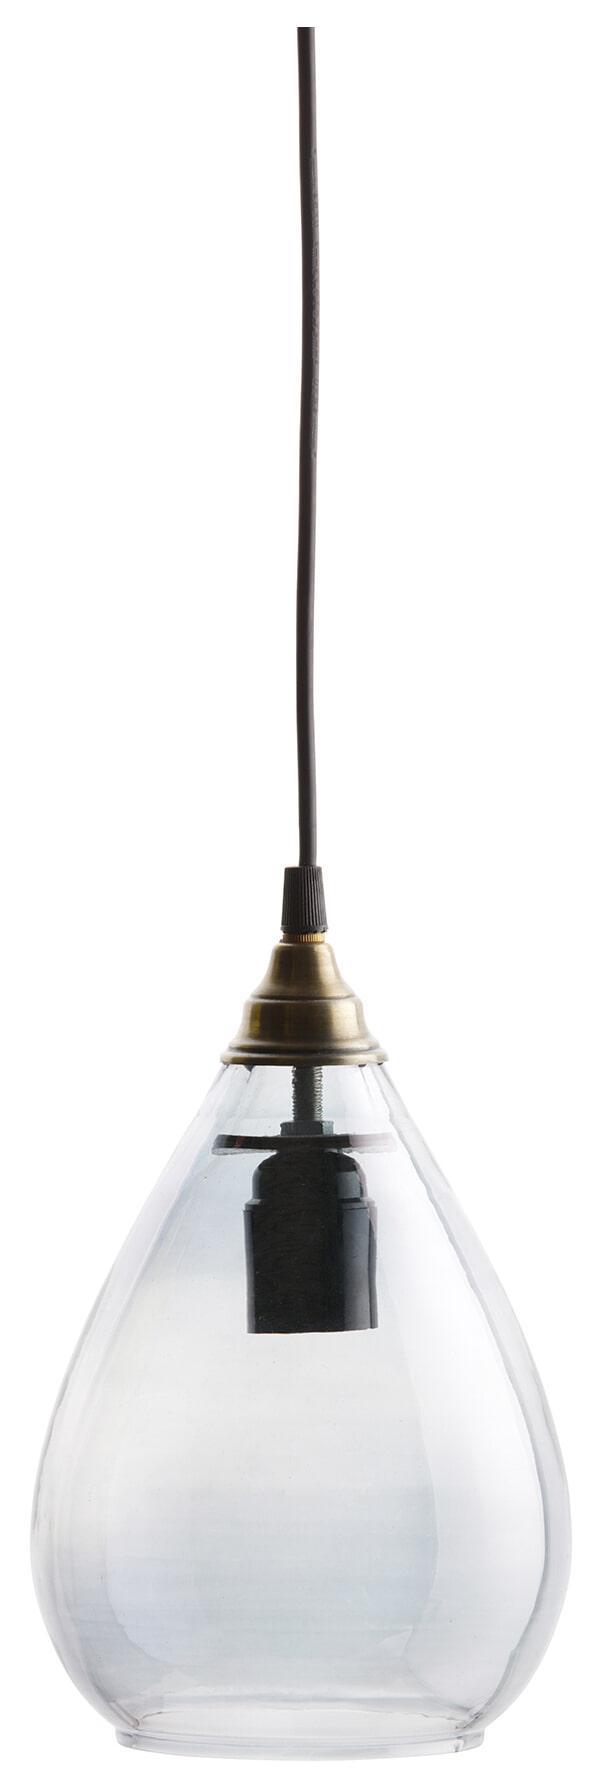 BePureHome Hanglamp Simple Medium, kleur Grijs